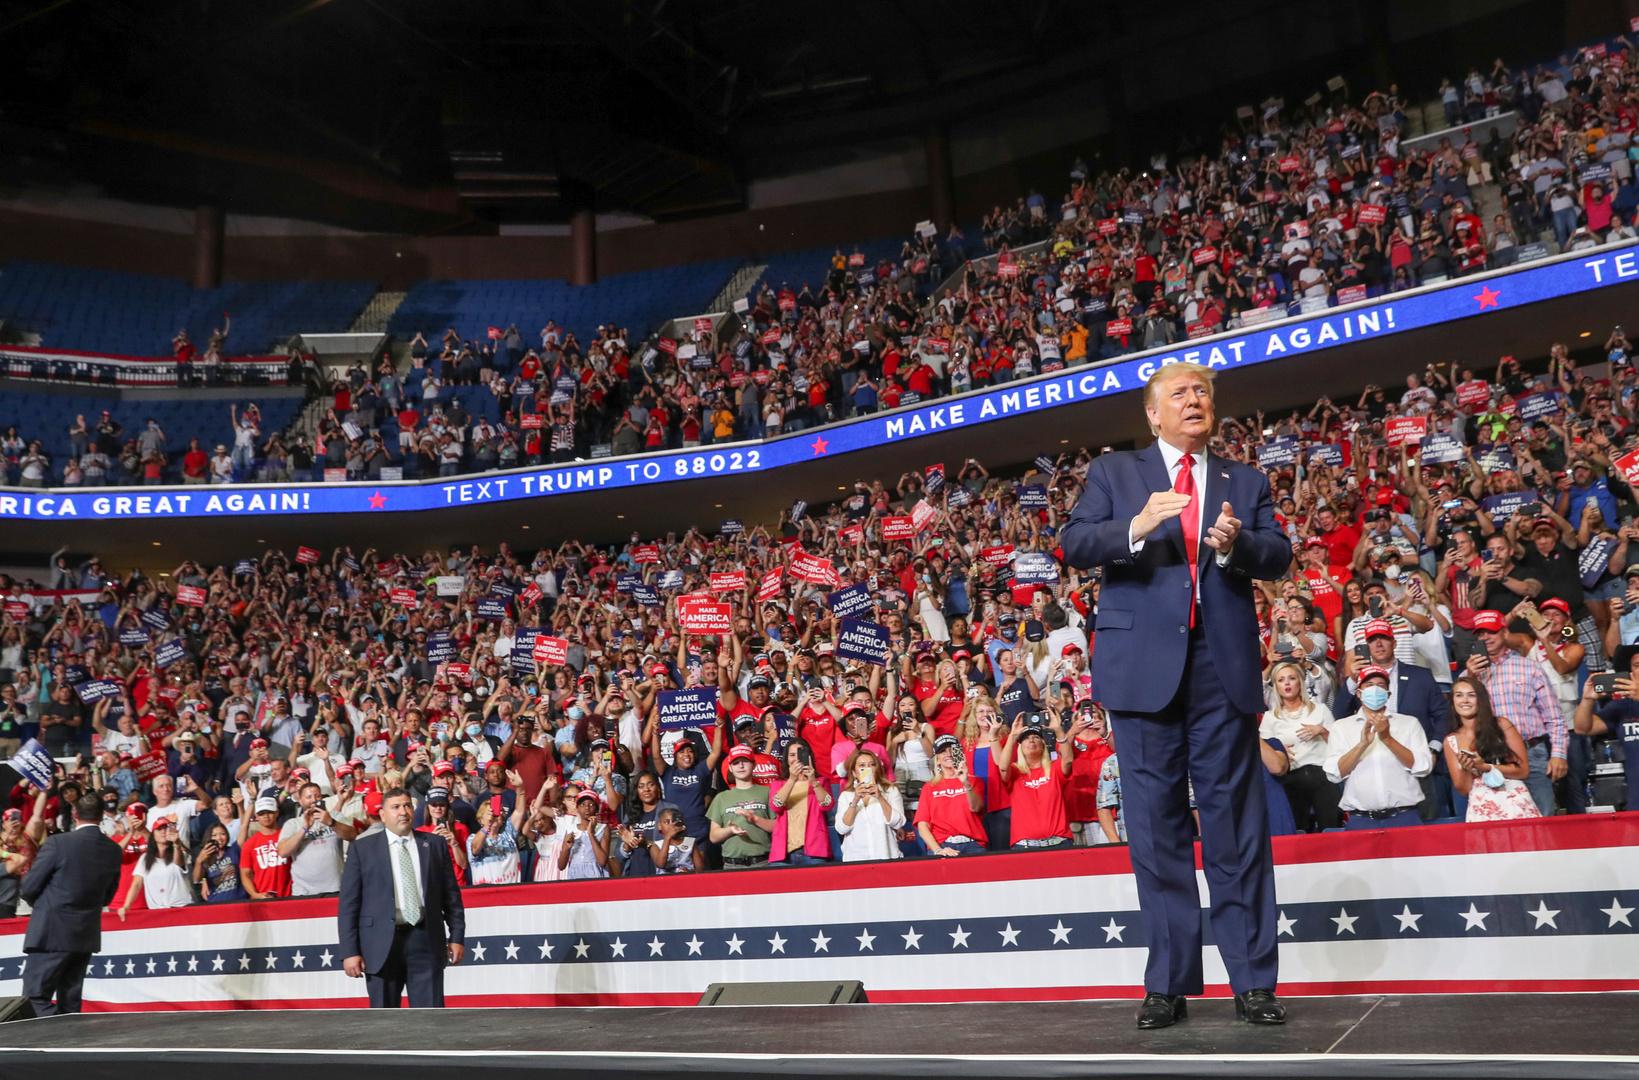 الرئيس الأمريكي، دونالد ترامب، خلال مؤتمره الانتخابي في مدينة تولسا لولاية أوكلاهوما يوم 20 يونيو.